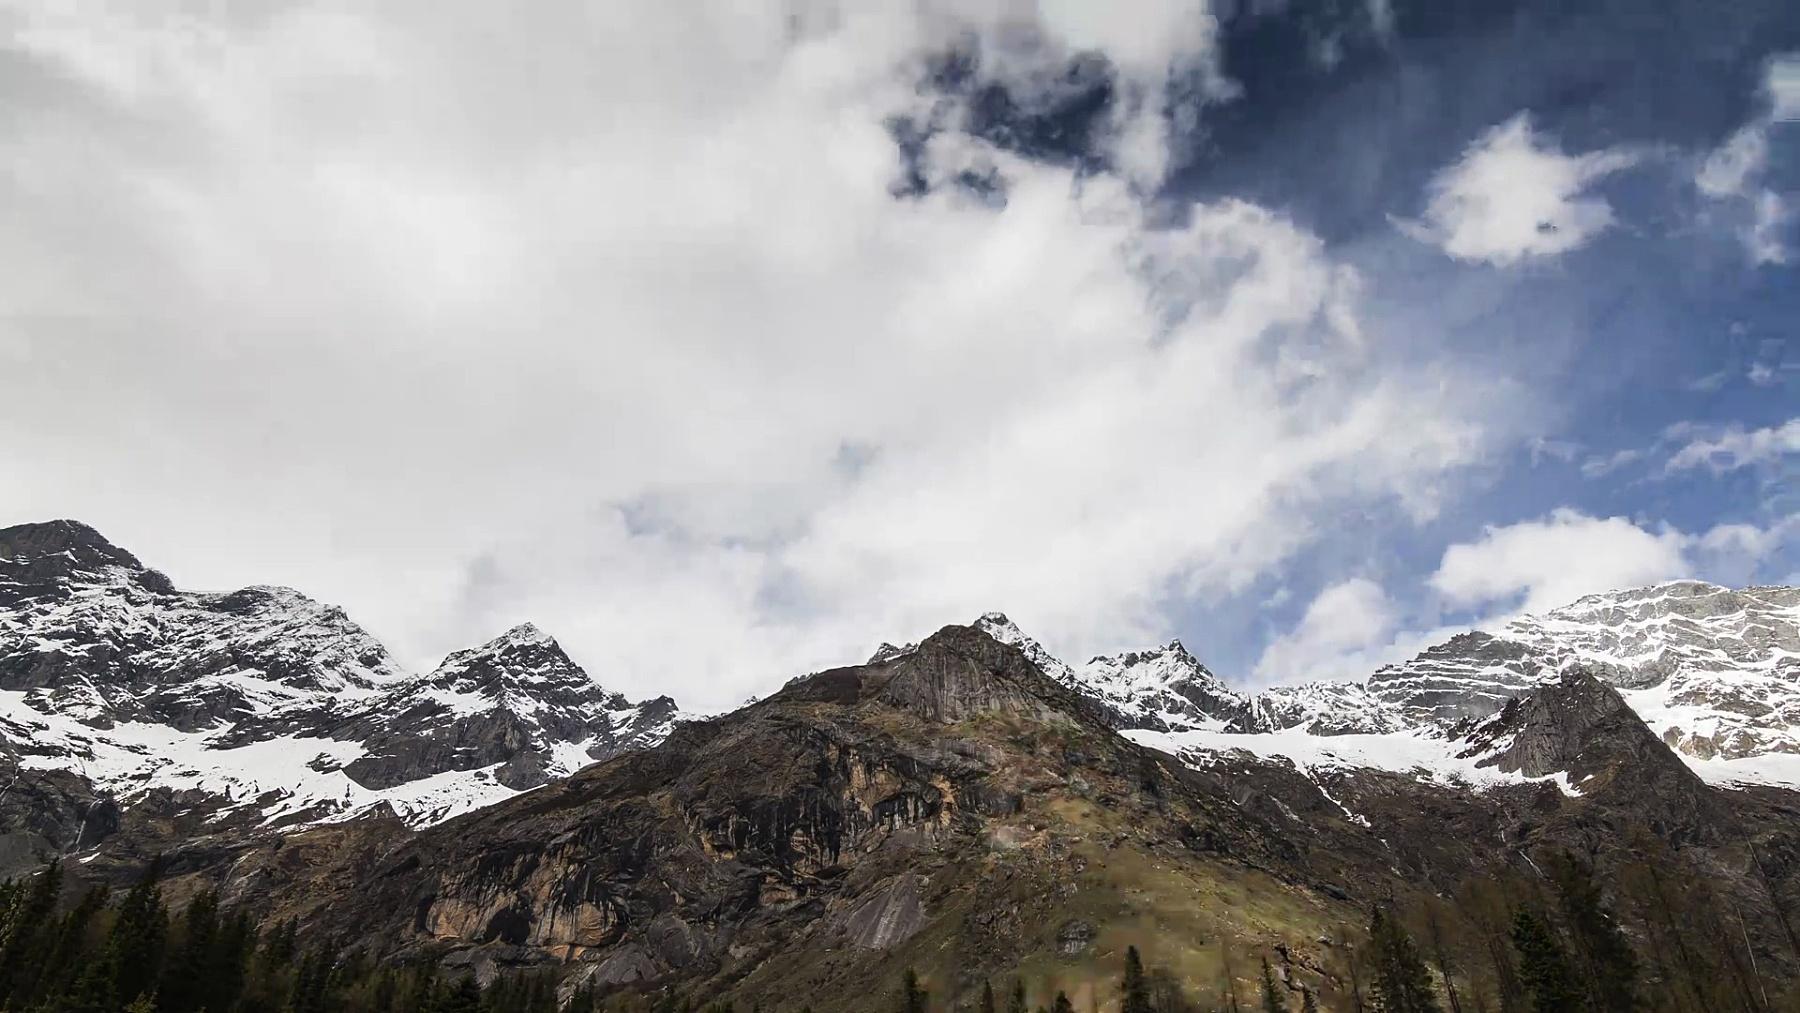 亚丁国家级自然保护区蓝天雪山 延时。